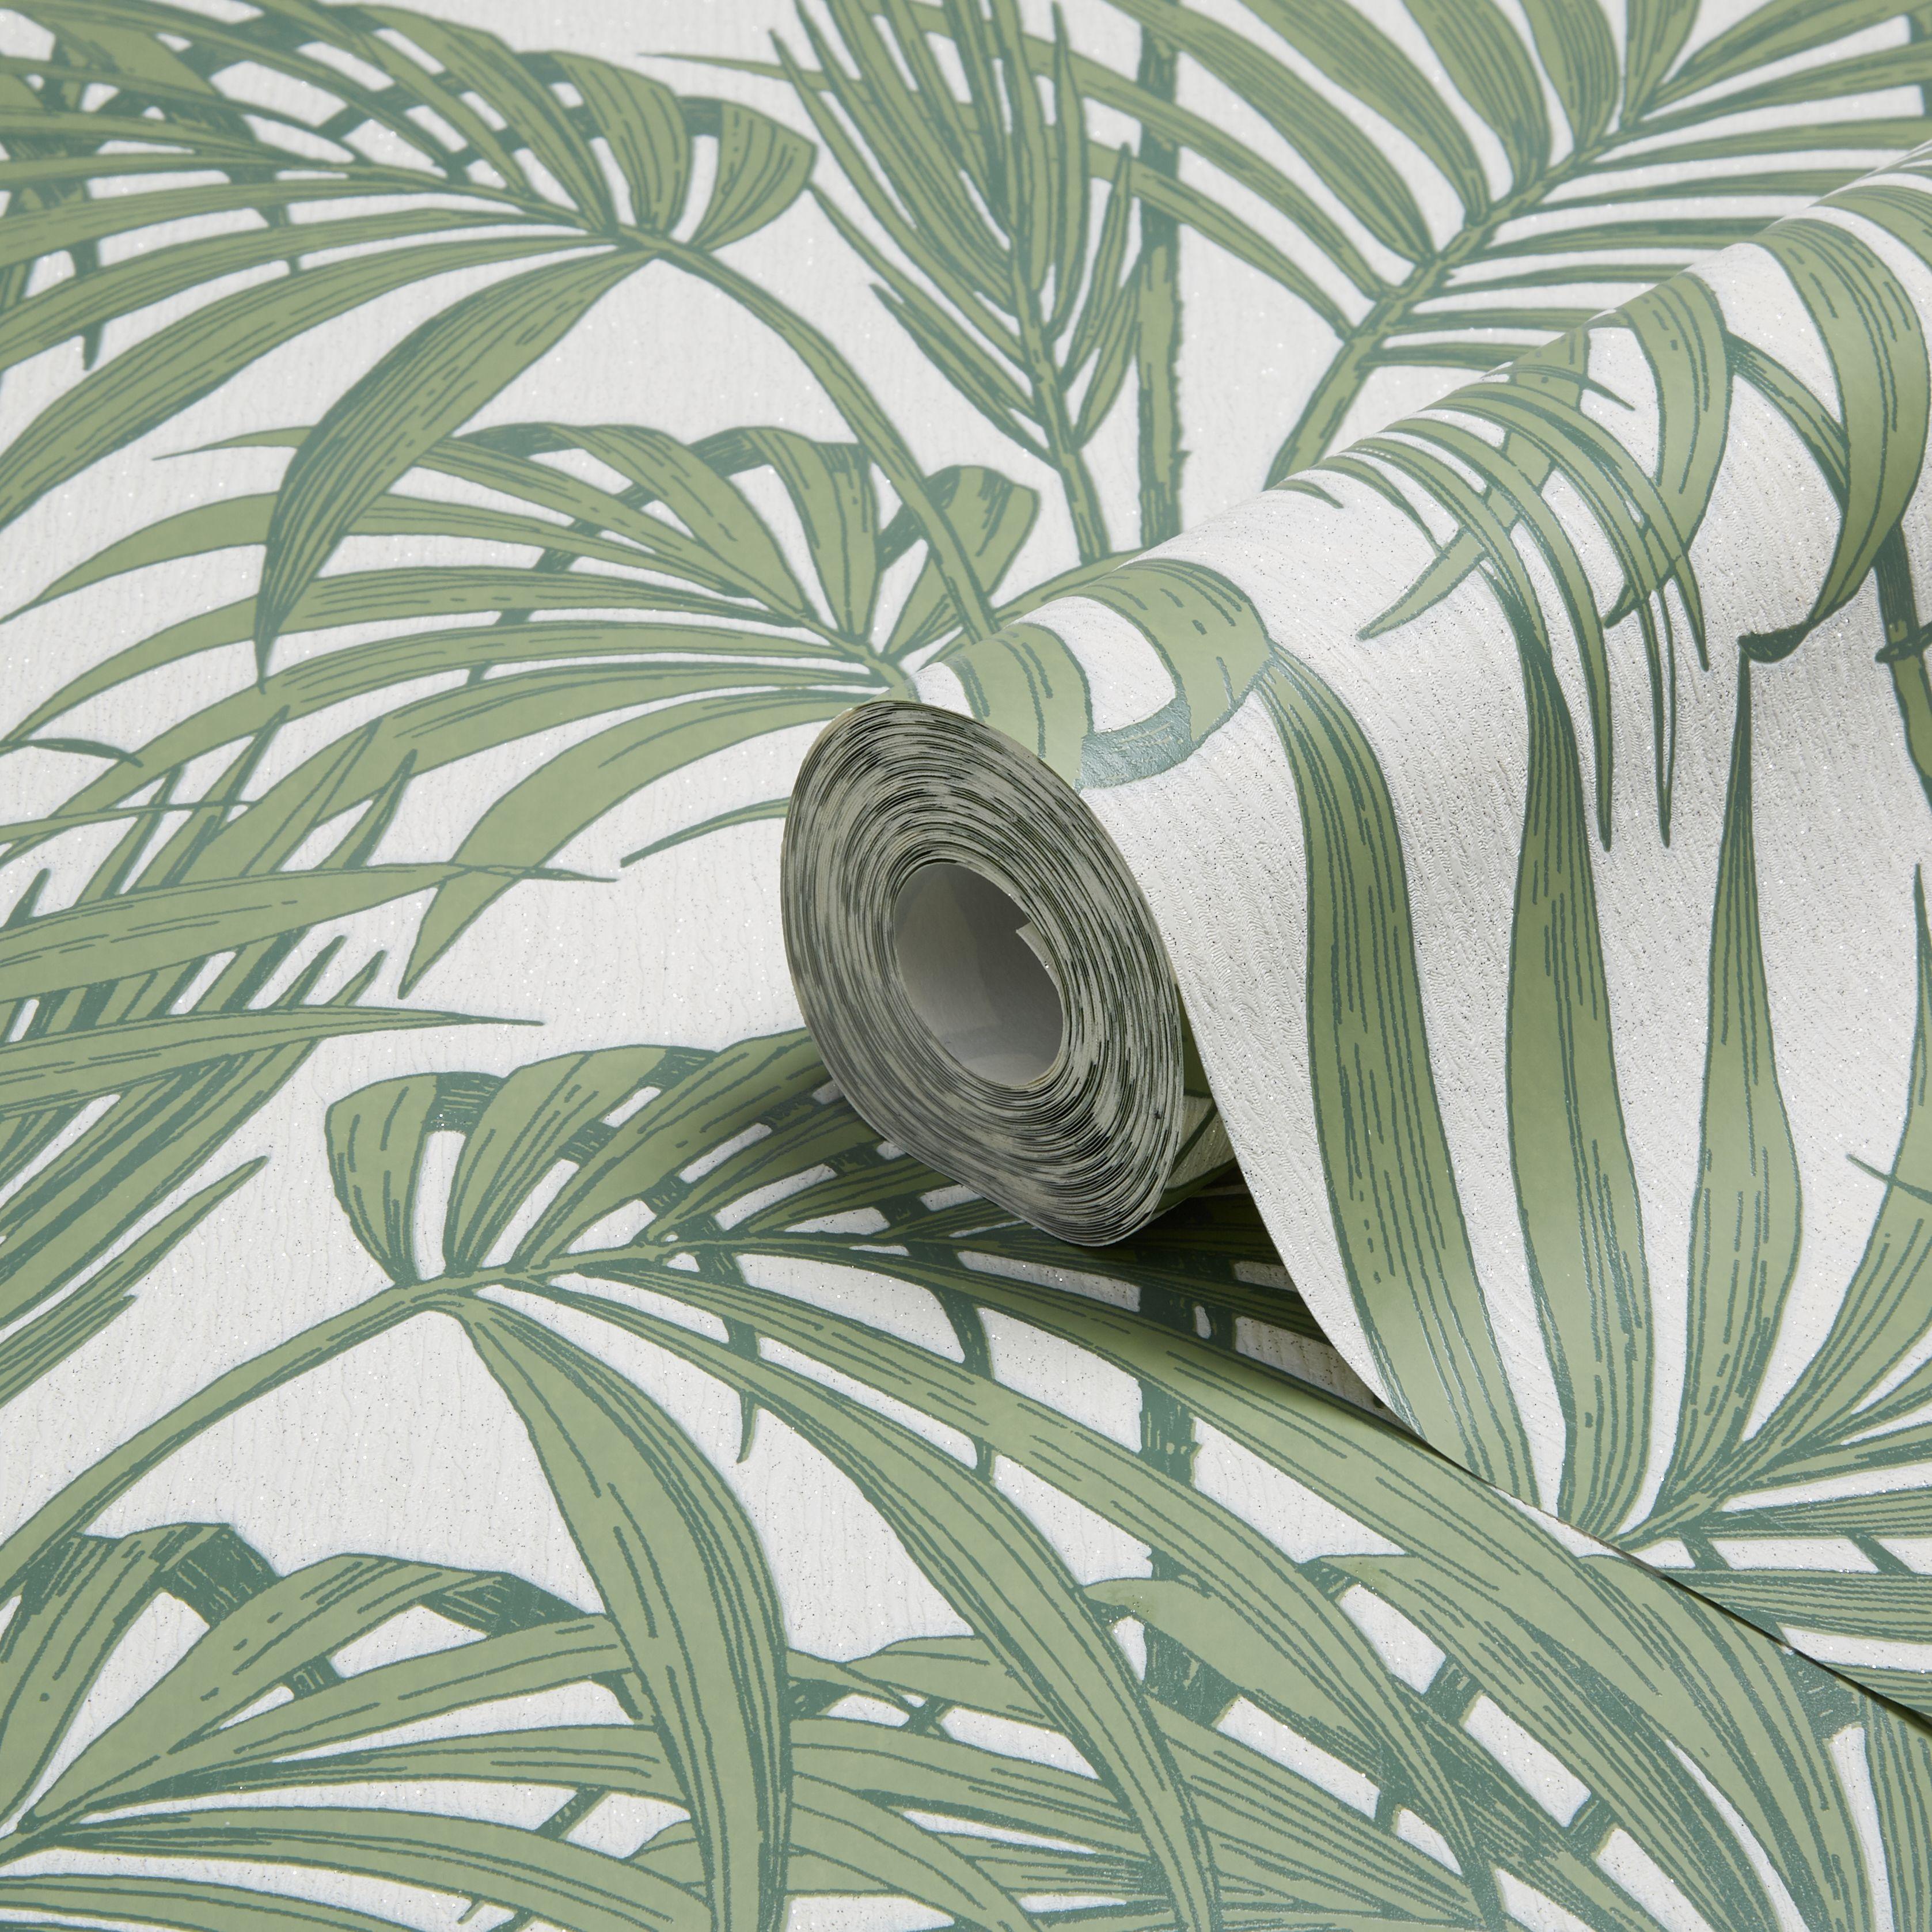 Graham Brown Julien Macdonald Honolulu Palm Green Foliage Glitter Effect Wallpaper